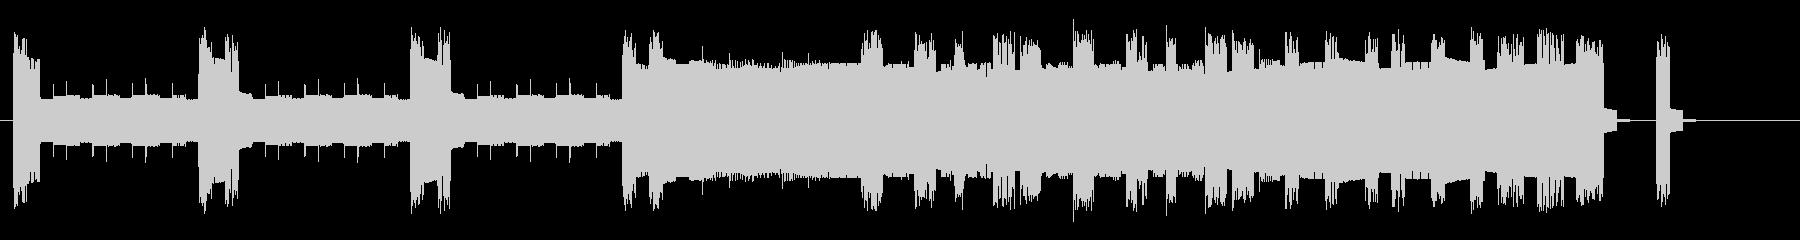 8bit音の12秒ジングルの未再生の波形